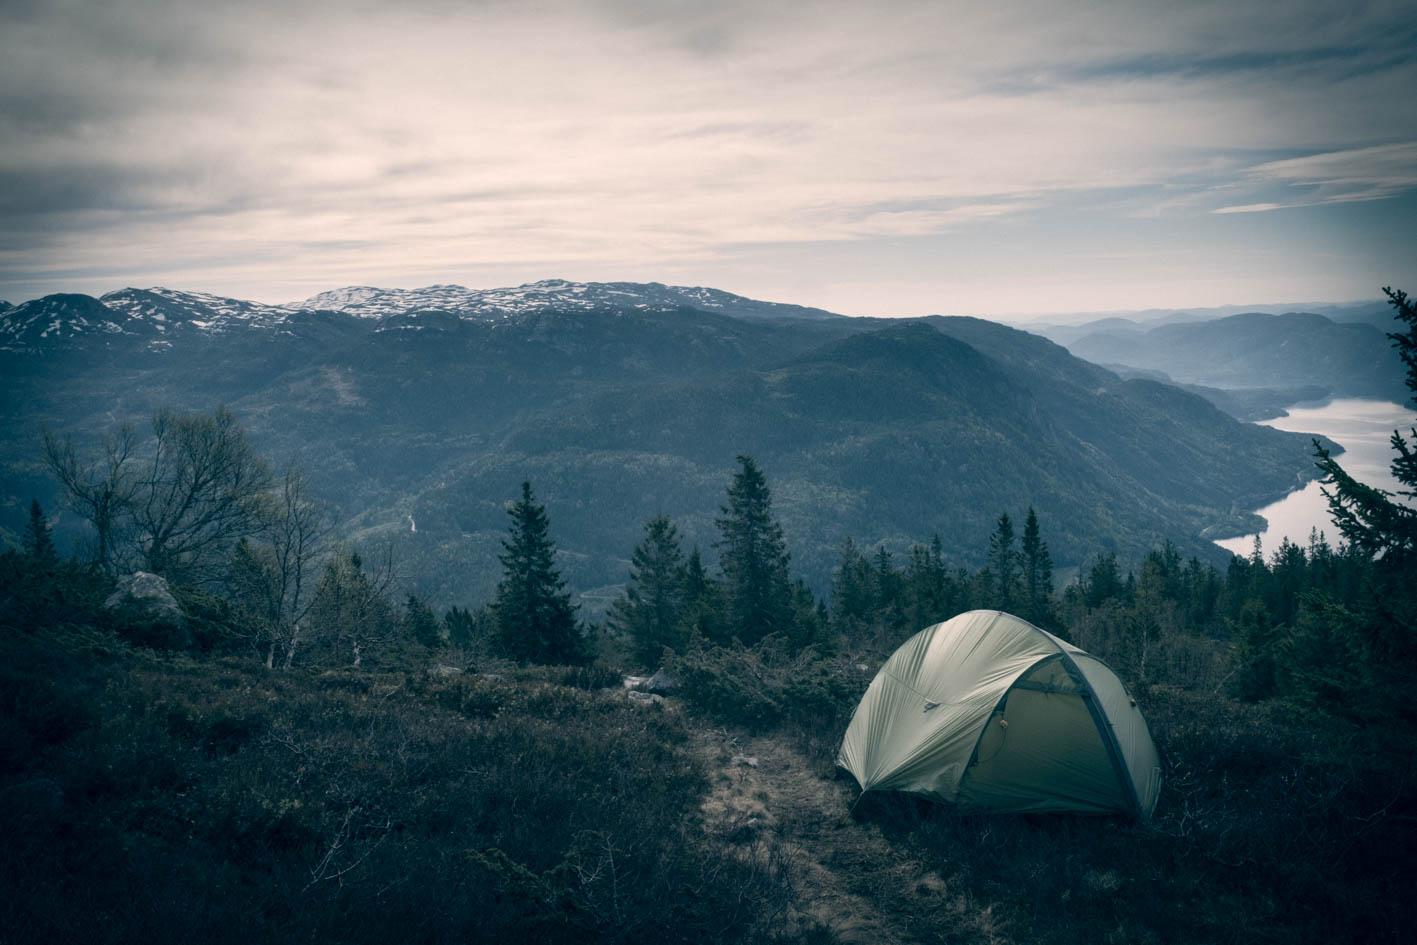 Morgenutsikten er det ikke noe å si på, selv om vinden river i teltduken.